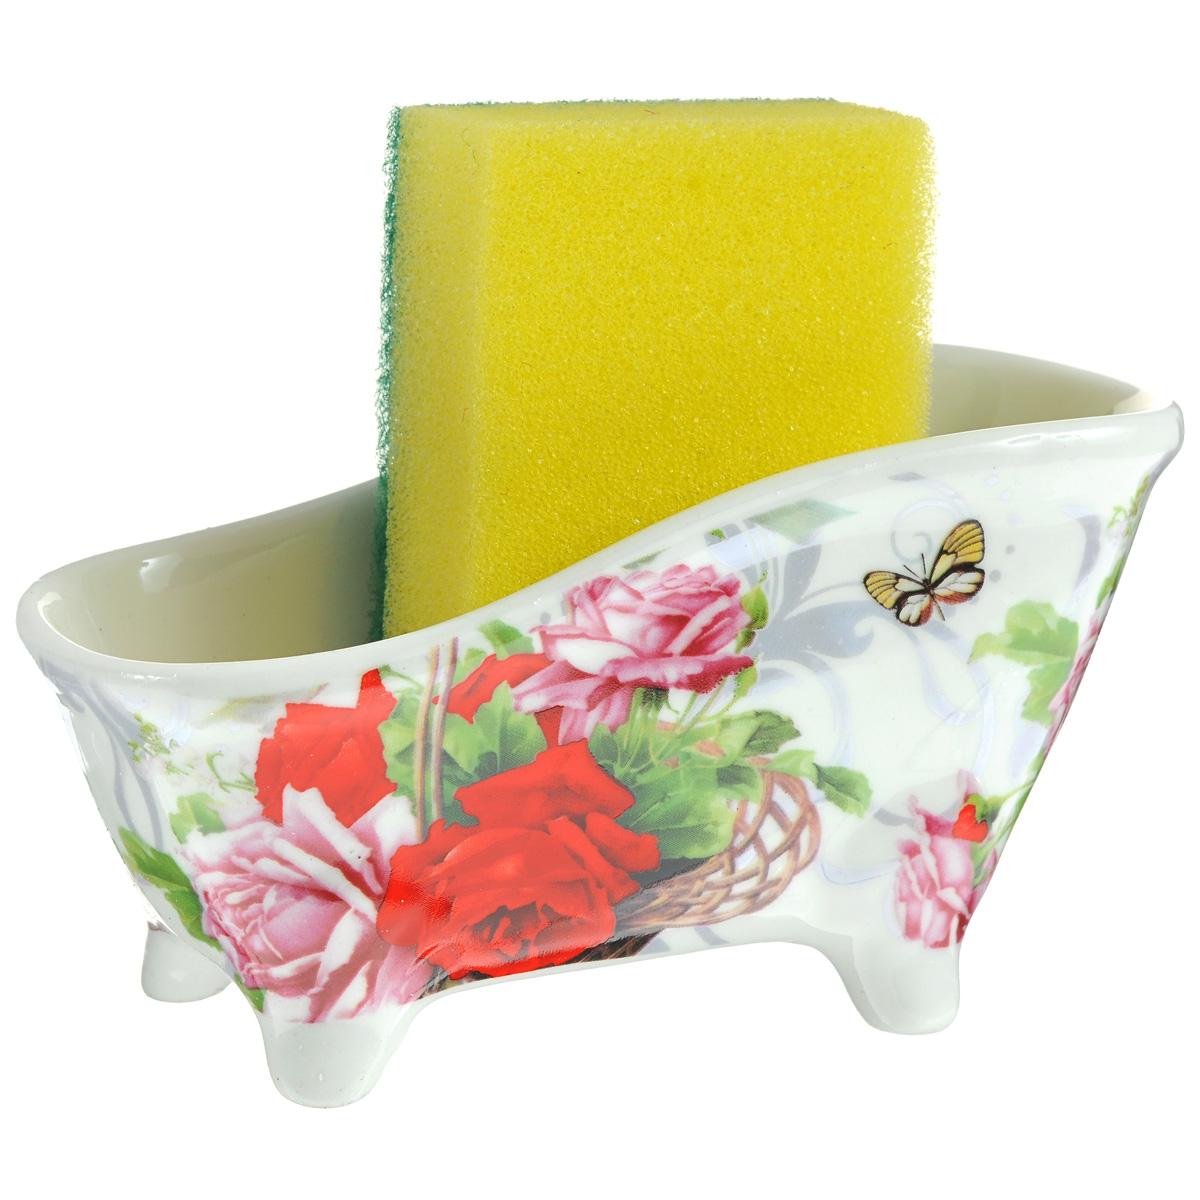 Набор для мытья посуды Besko Корзина роз, 2 предмета. 532-156532-156Набор для мытья посуды Besko Корзина роз состоит из подставки и губки. Подставка выполнена из фарфора в виде ванночки на четырех ножках. Губка идеально впитывает влагу и деликатно очищает поверхность, не царапая ее. Размер подставки: 14,5 см х 6 см х 7,5 см. Размер губки: 9 см х 6 см х 3 см.Уважаемые клиенты!Обращаем ваше внимание на цветовой ассортимент товара. Поставка осуществляется в зависимости от прихода товара на склад.